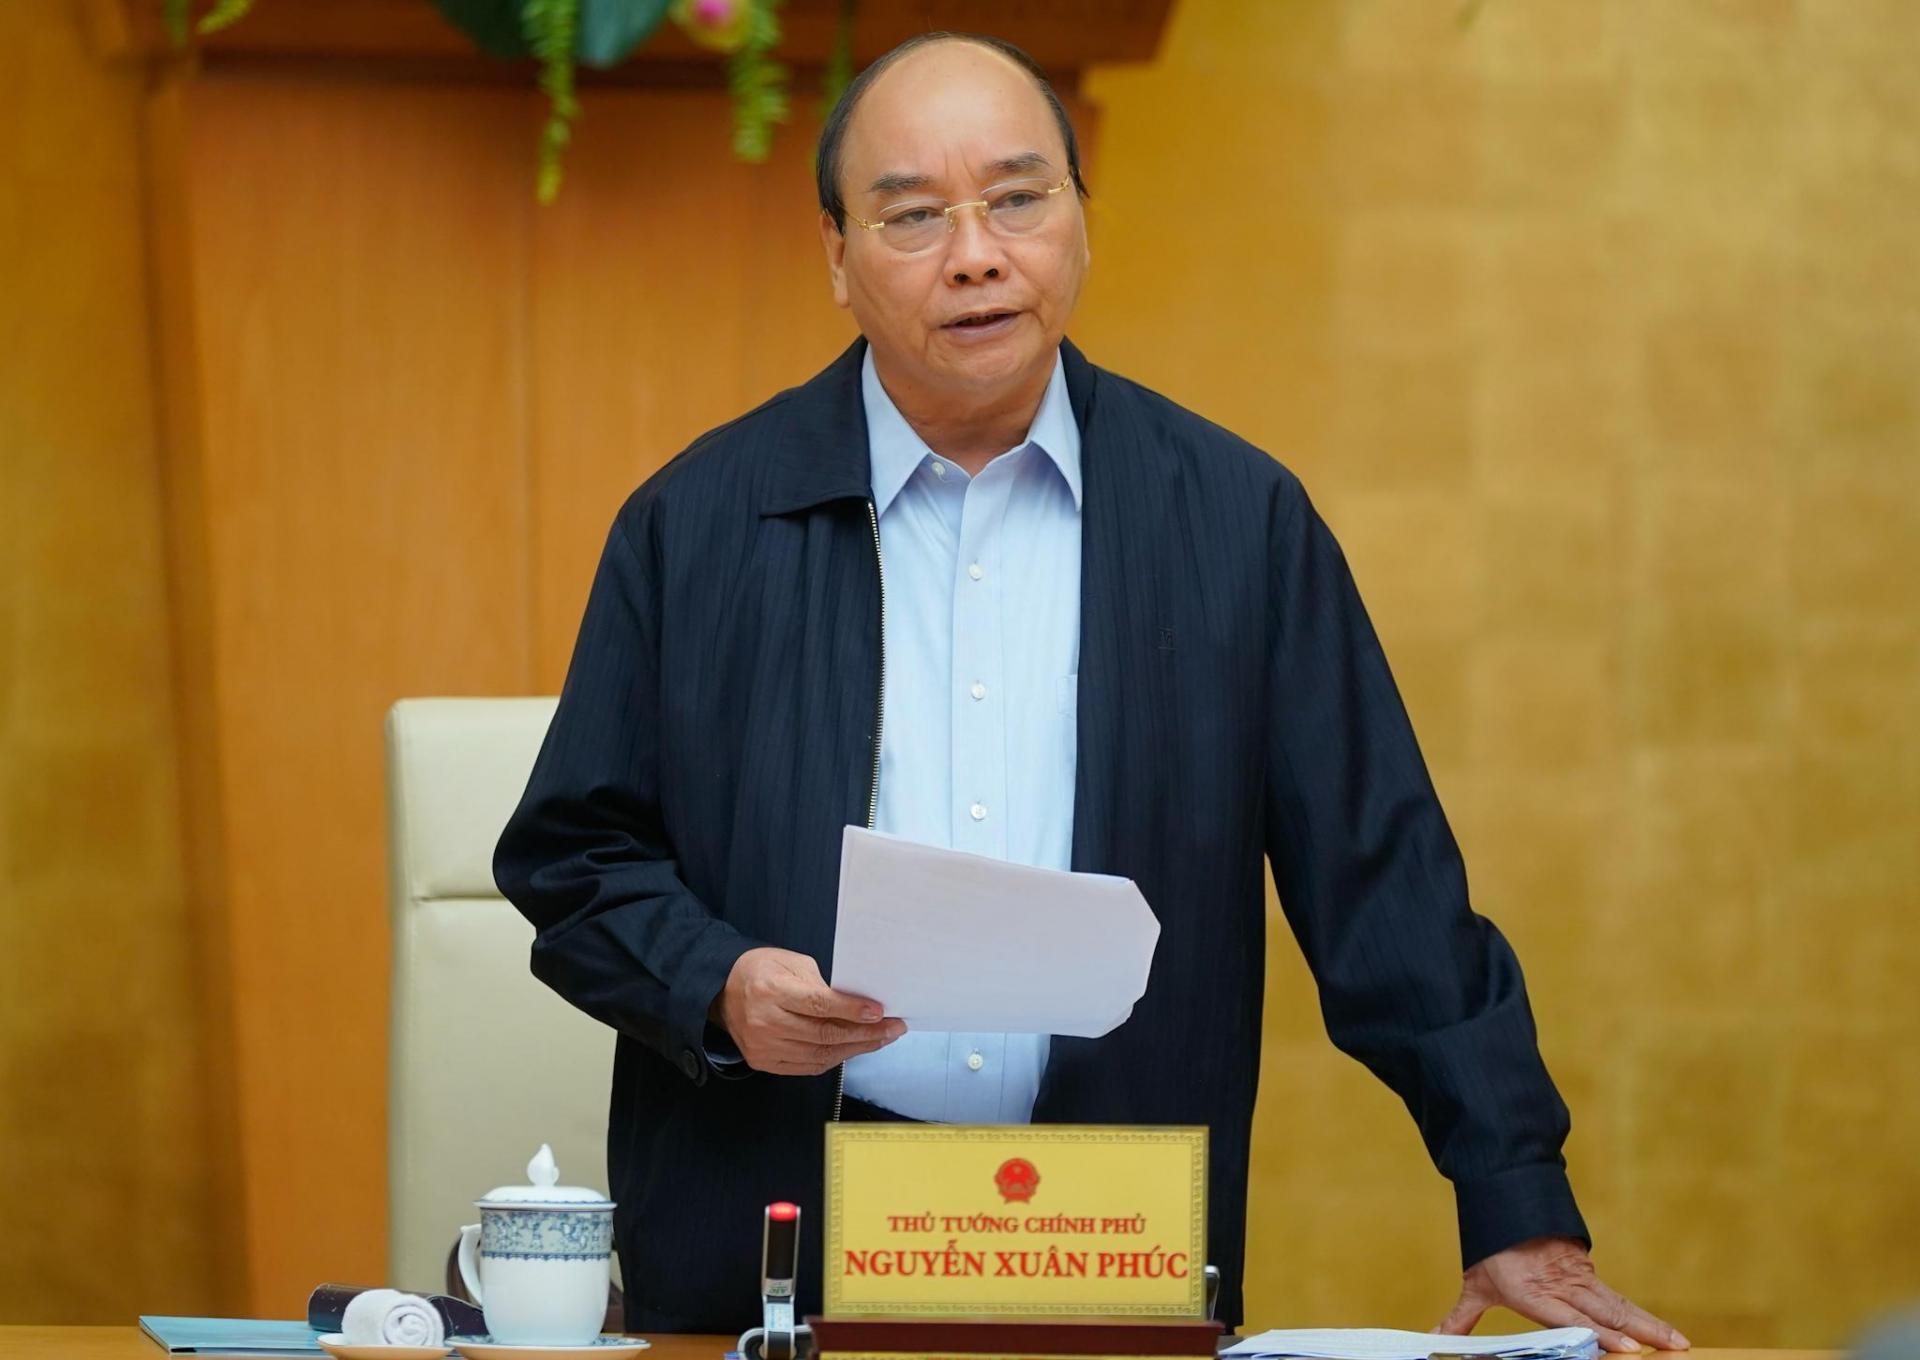 Thủ tướng Nguyễn Xuân Phúc nhấn mạnh: Cương quyết thay cán bộ không biết làm việc, tiêu cực, lợi ích nhóm.